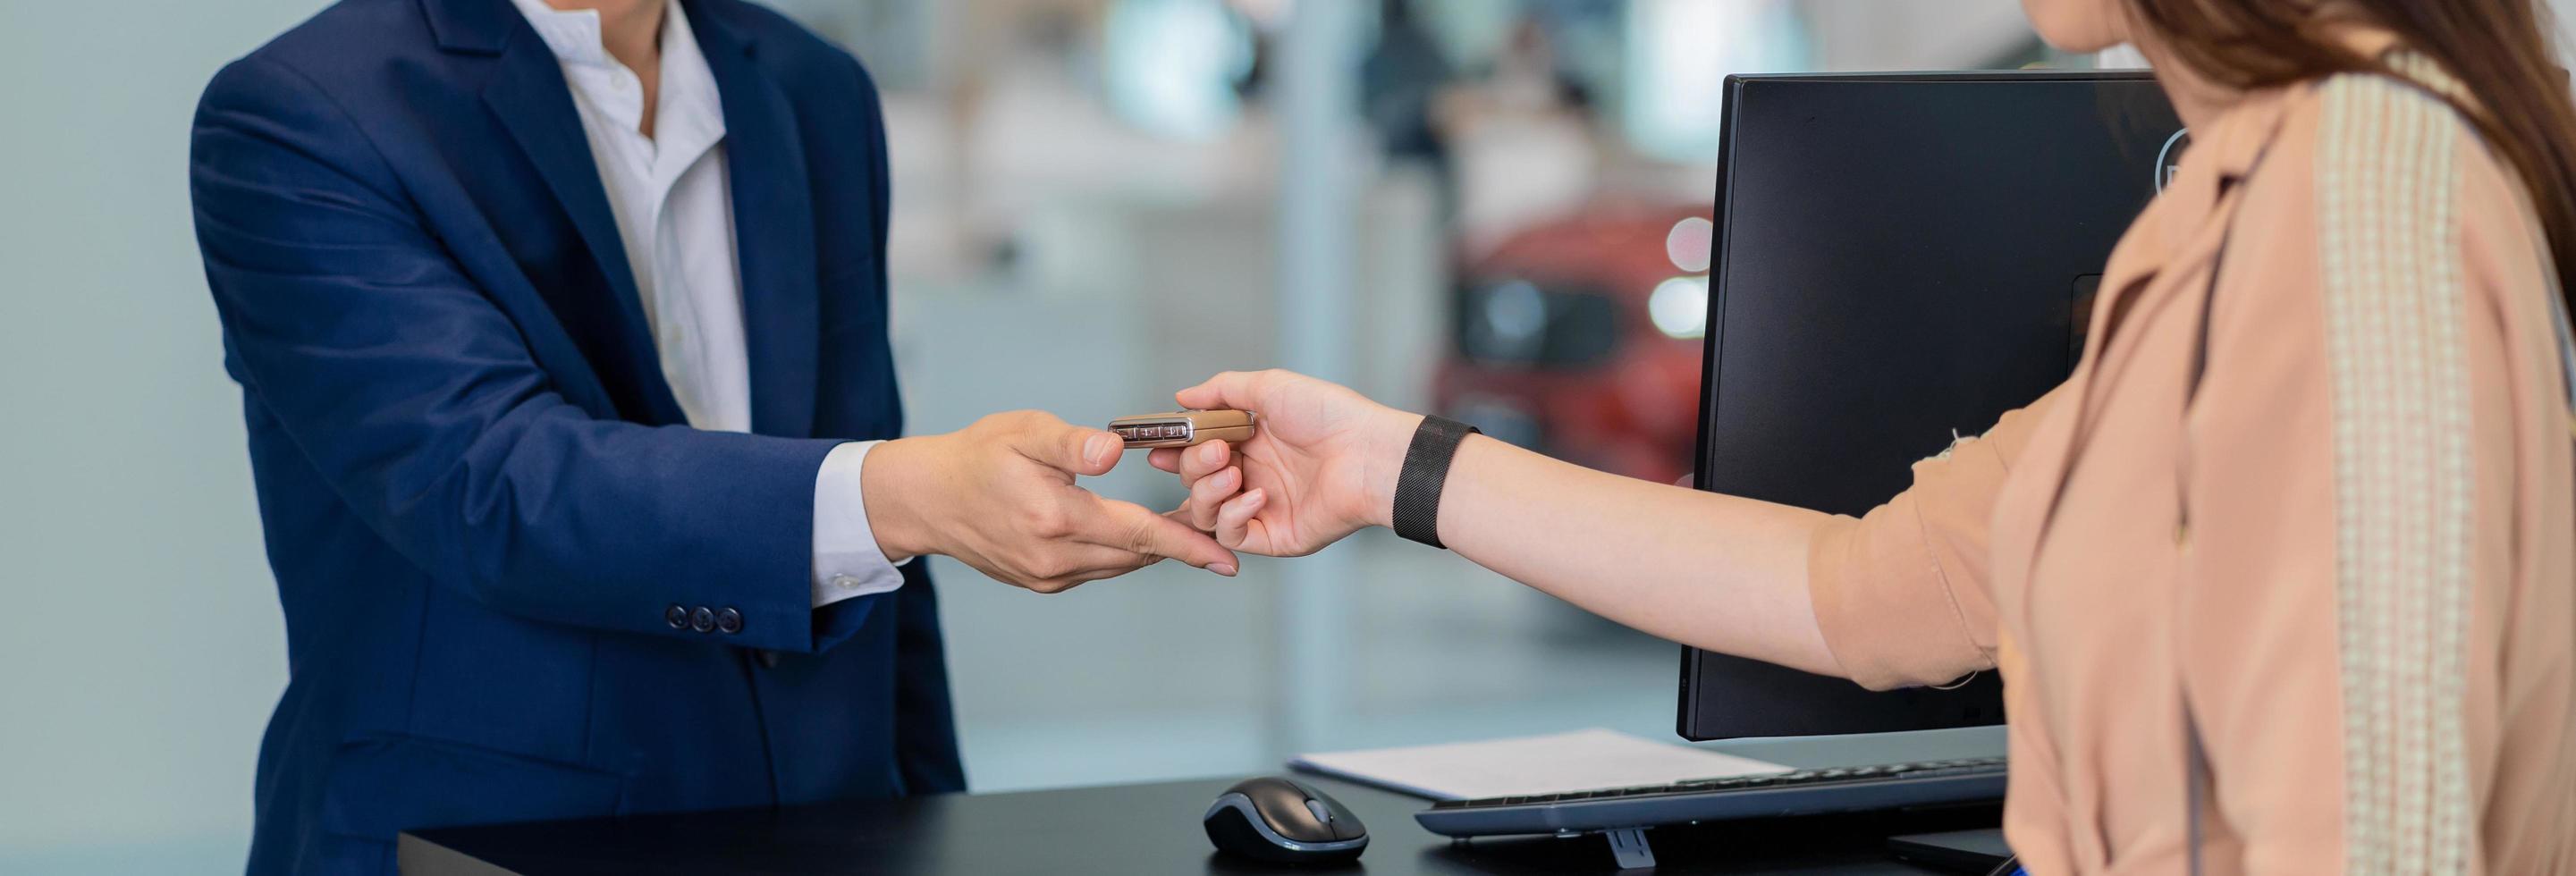 Libre d'une réceptionniste asiatique remettant les clés de voiture chez un concessionnaire automobile photo